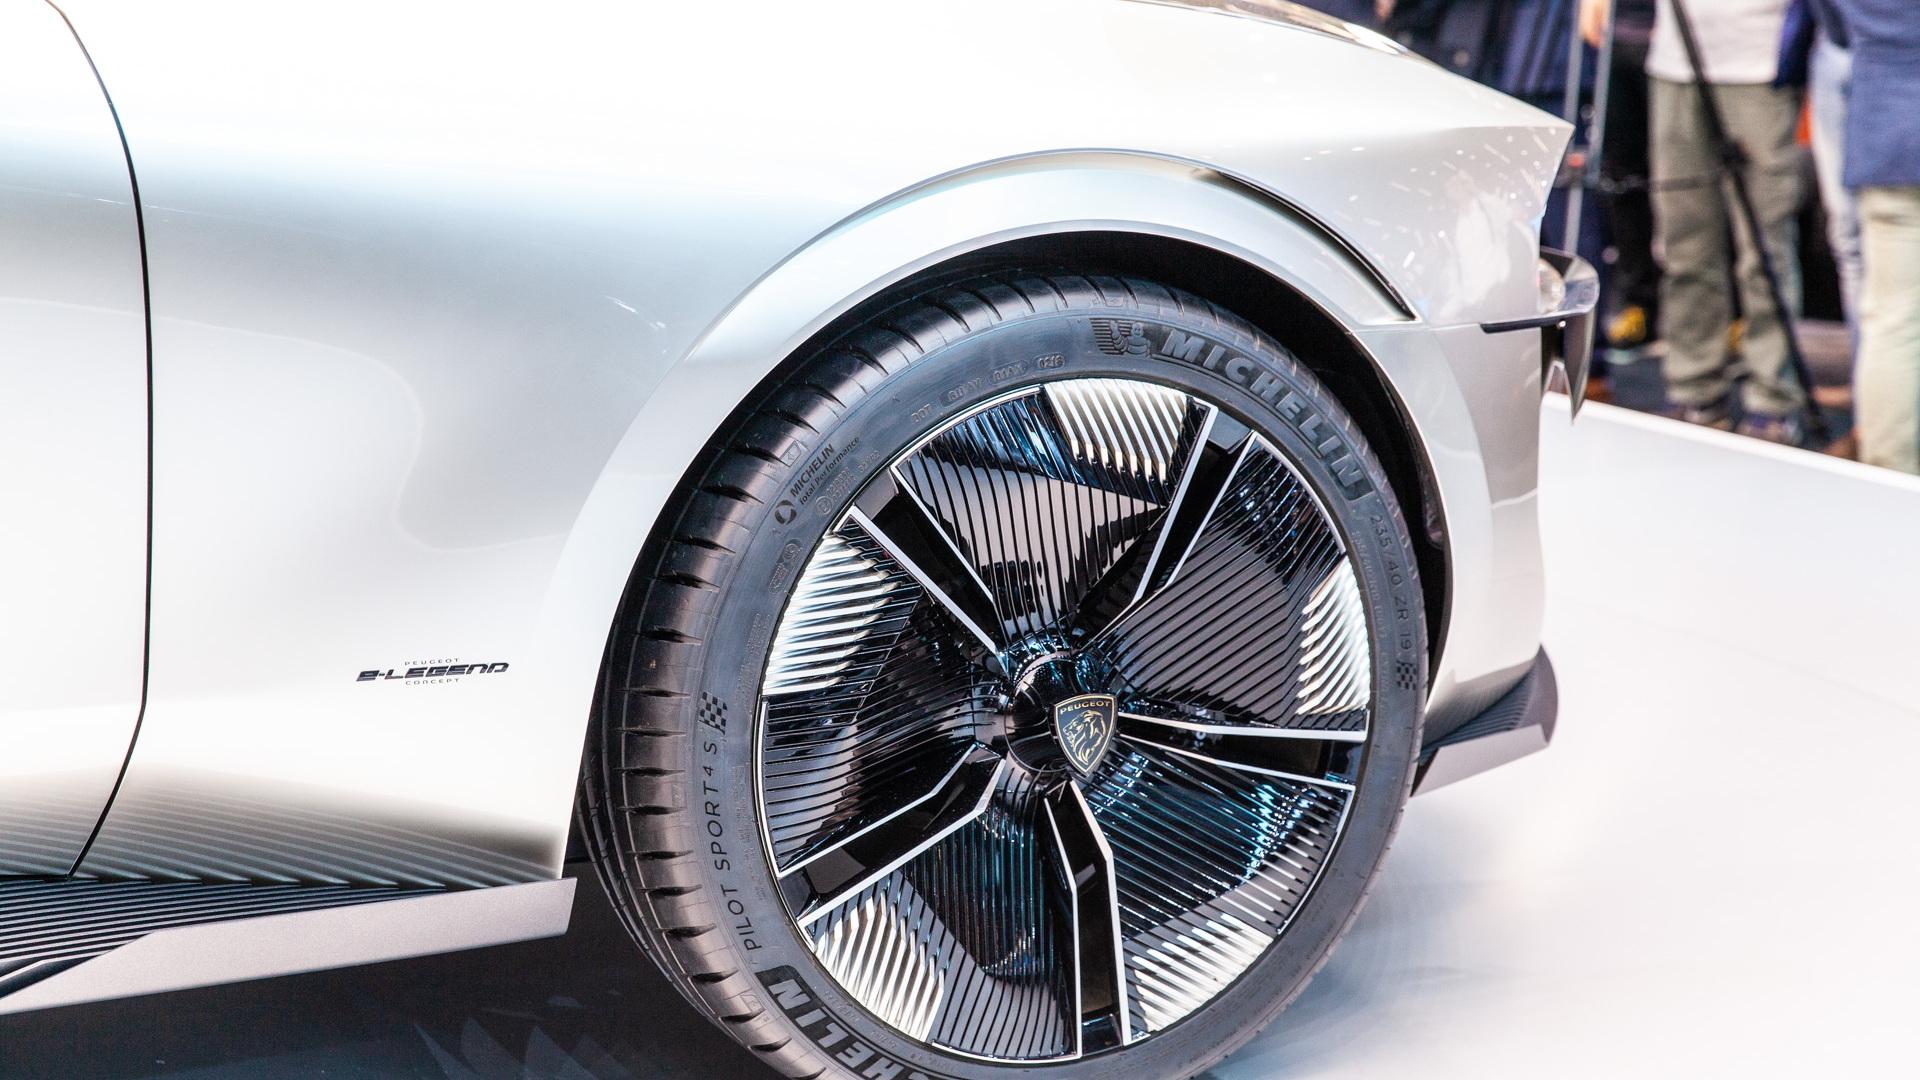 Peugeot E-Legend Concept, 2018 Paris auto show